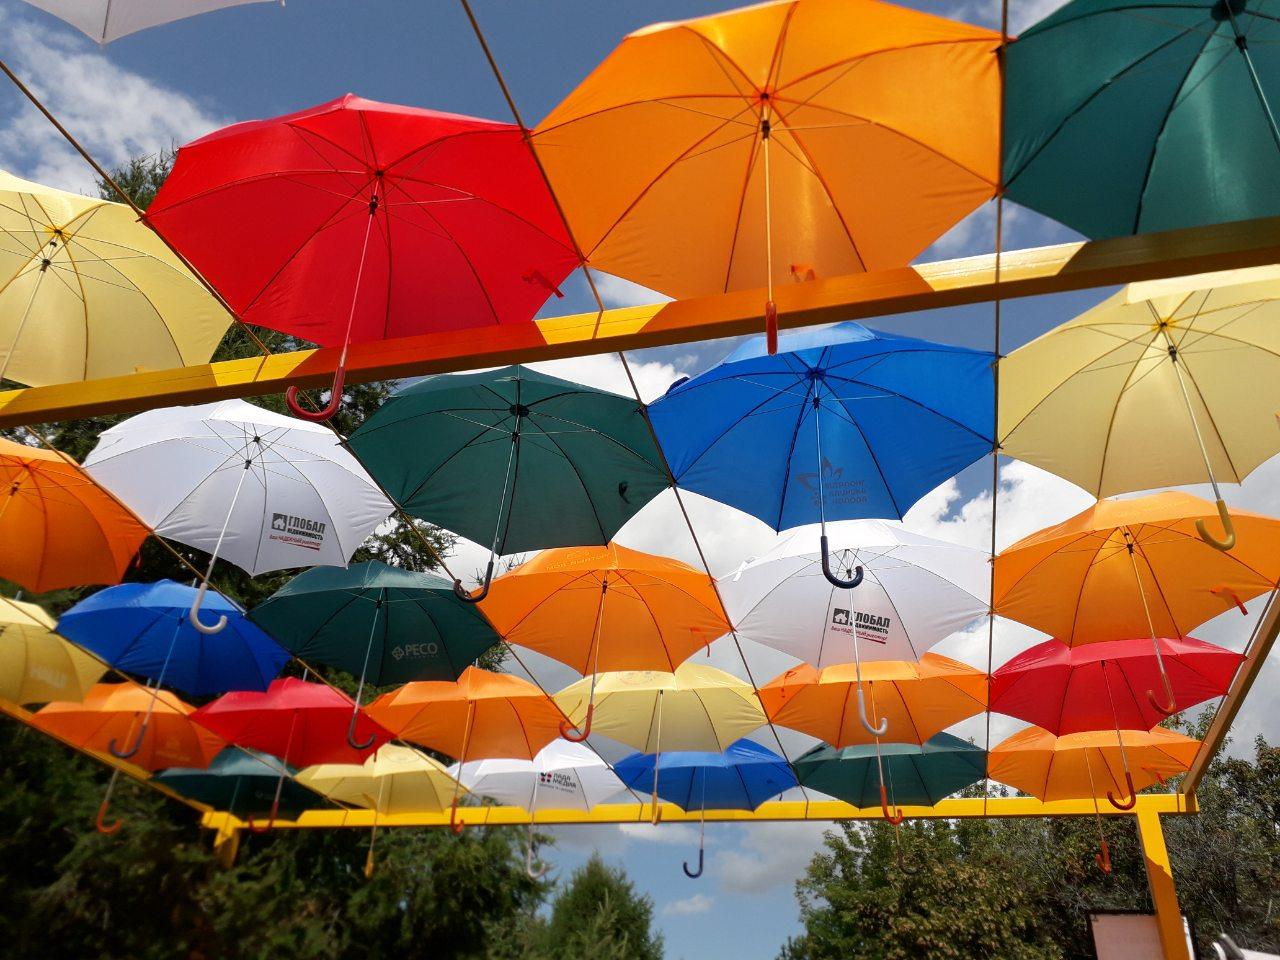 25 метров эмоций: Тольяттинцам подарили яркую аллею парящих зонтиков